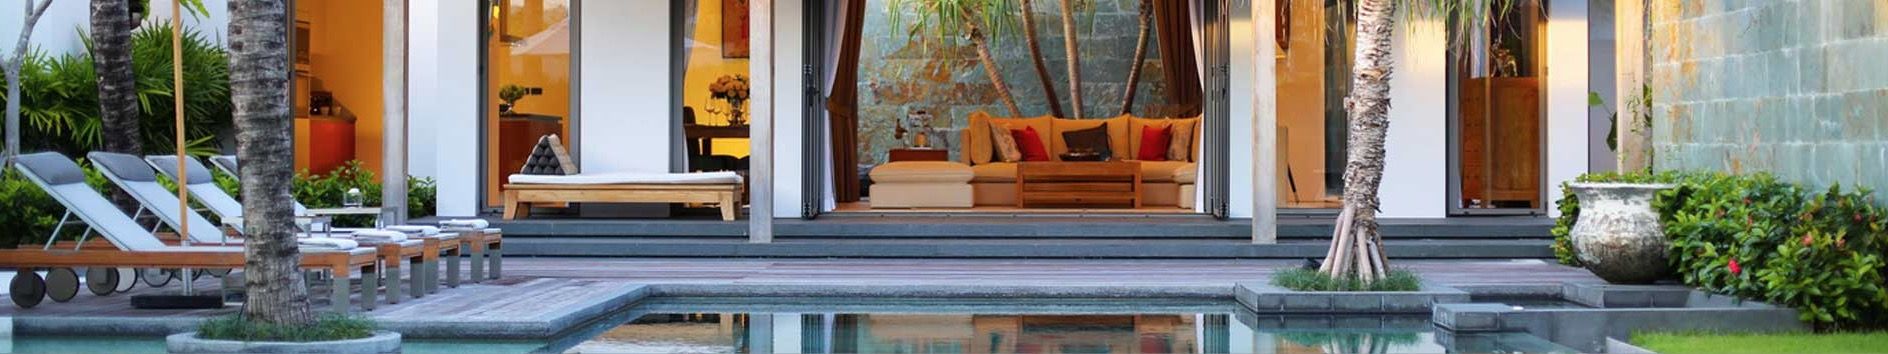 Phuket Prime – Phuket Property